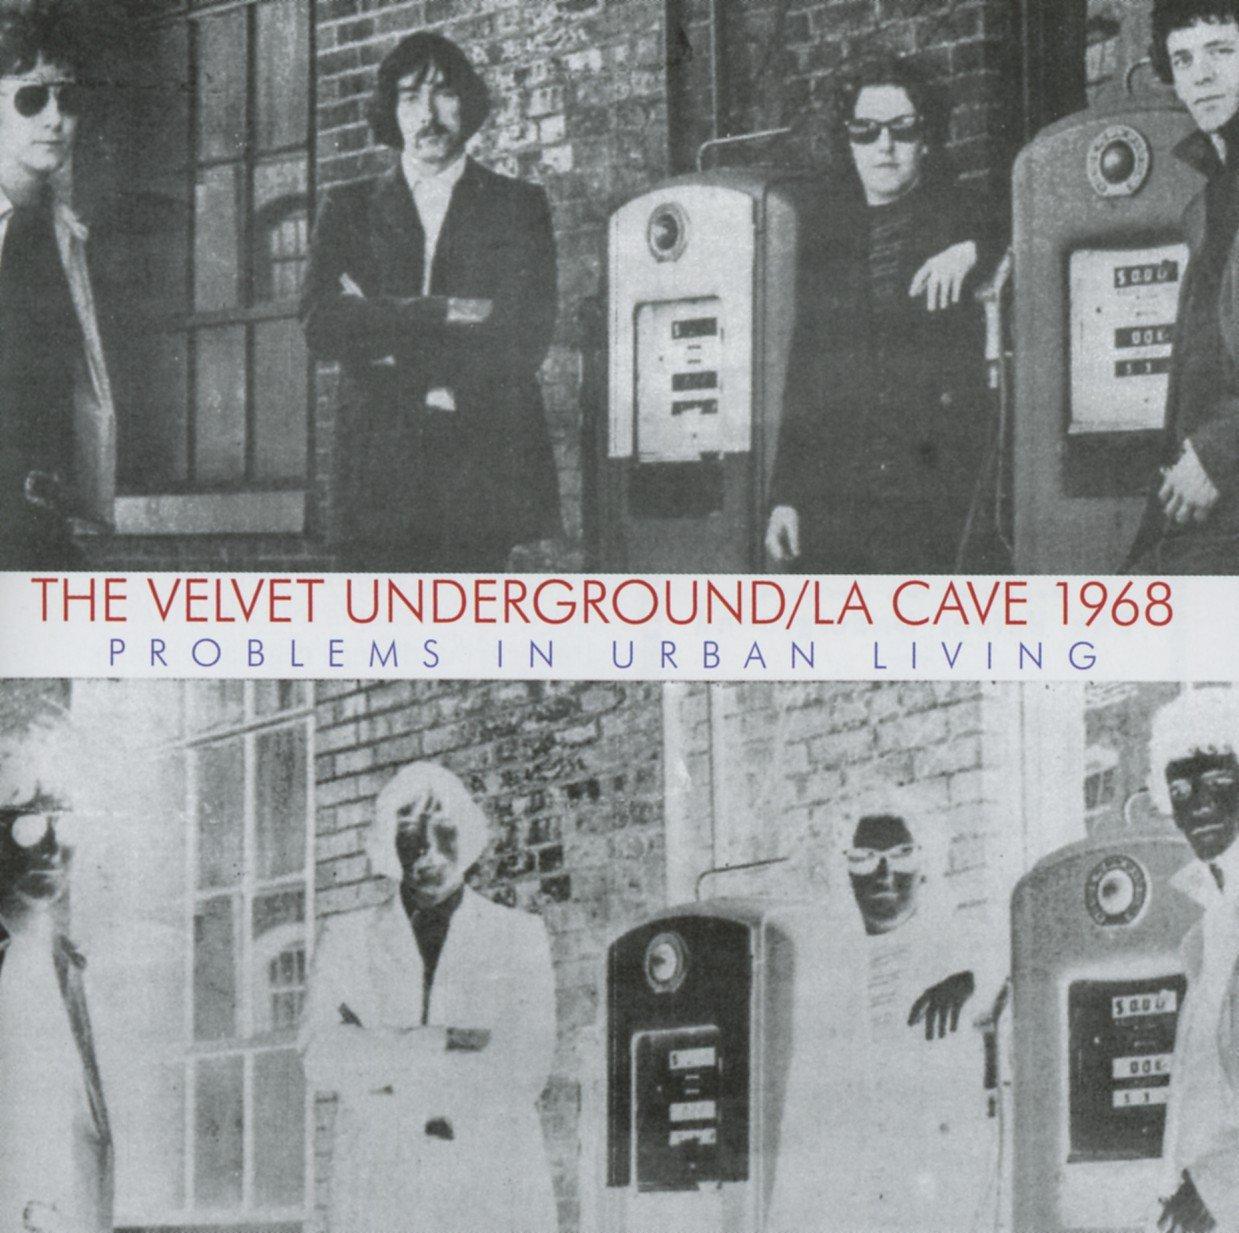 ヴェルヴェット・アンダーグラウンド / La Cave 1968, Problems In Urban Living